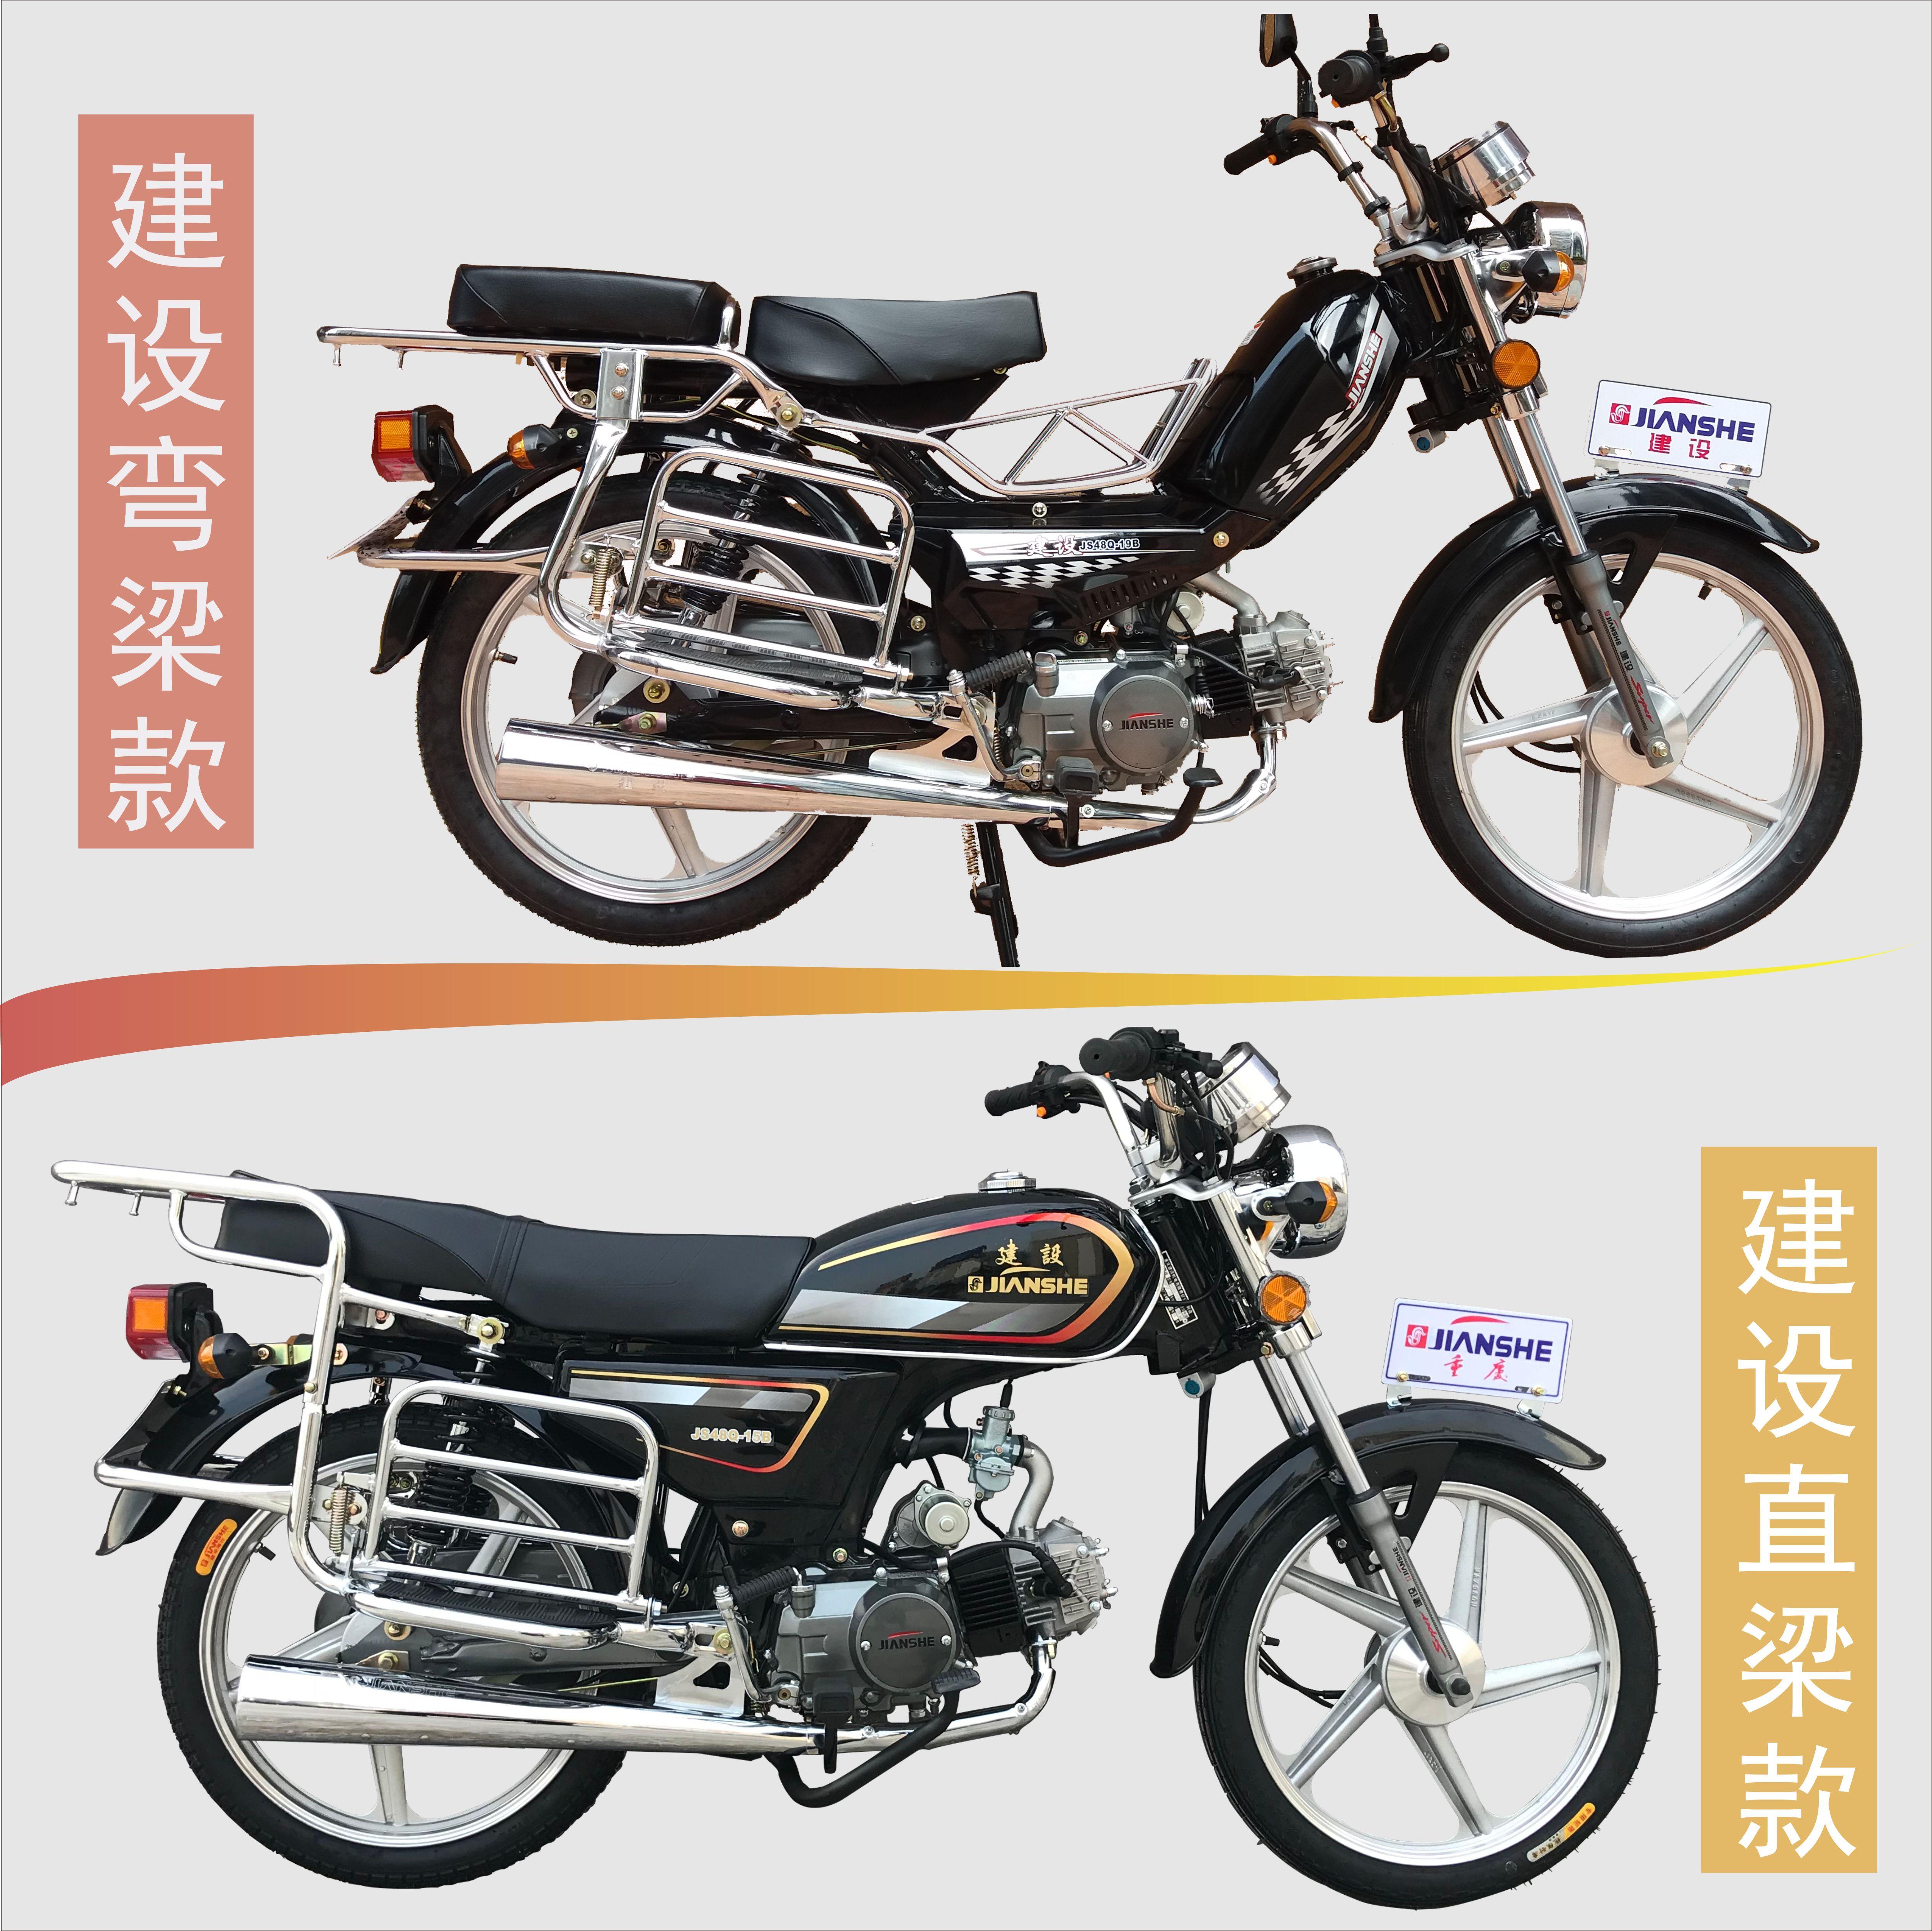 重庆建设弯梁直梁70复古燃油助力代步两轮摩托车110排量48型爆款